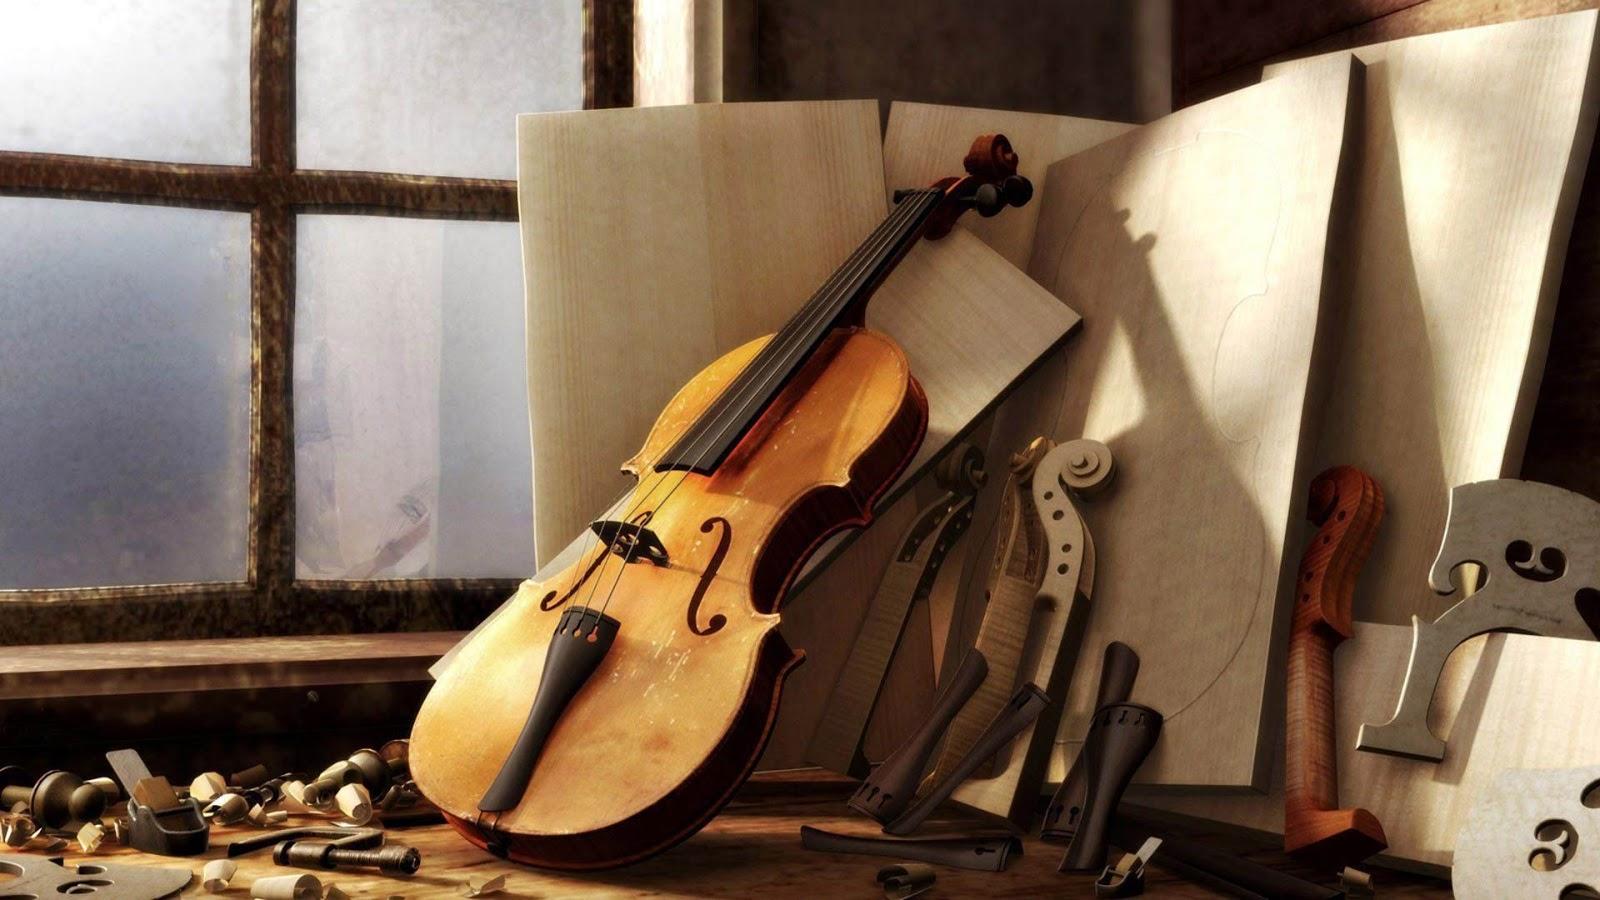 http://3.bp.blogspot.com/-DIHj1giEvVc/UPN3iOx-yyI/AAAAAAAAPbo/dsv_lk5GBAk/s1600/stradivarius-violin.jpg